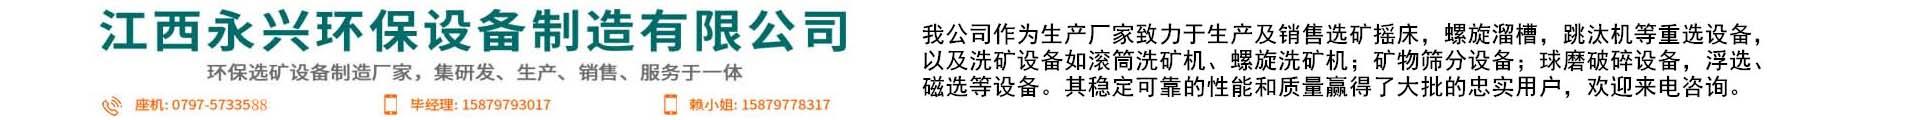 江西永兴环保设备制造有限公司